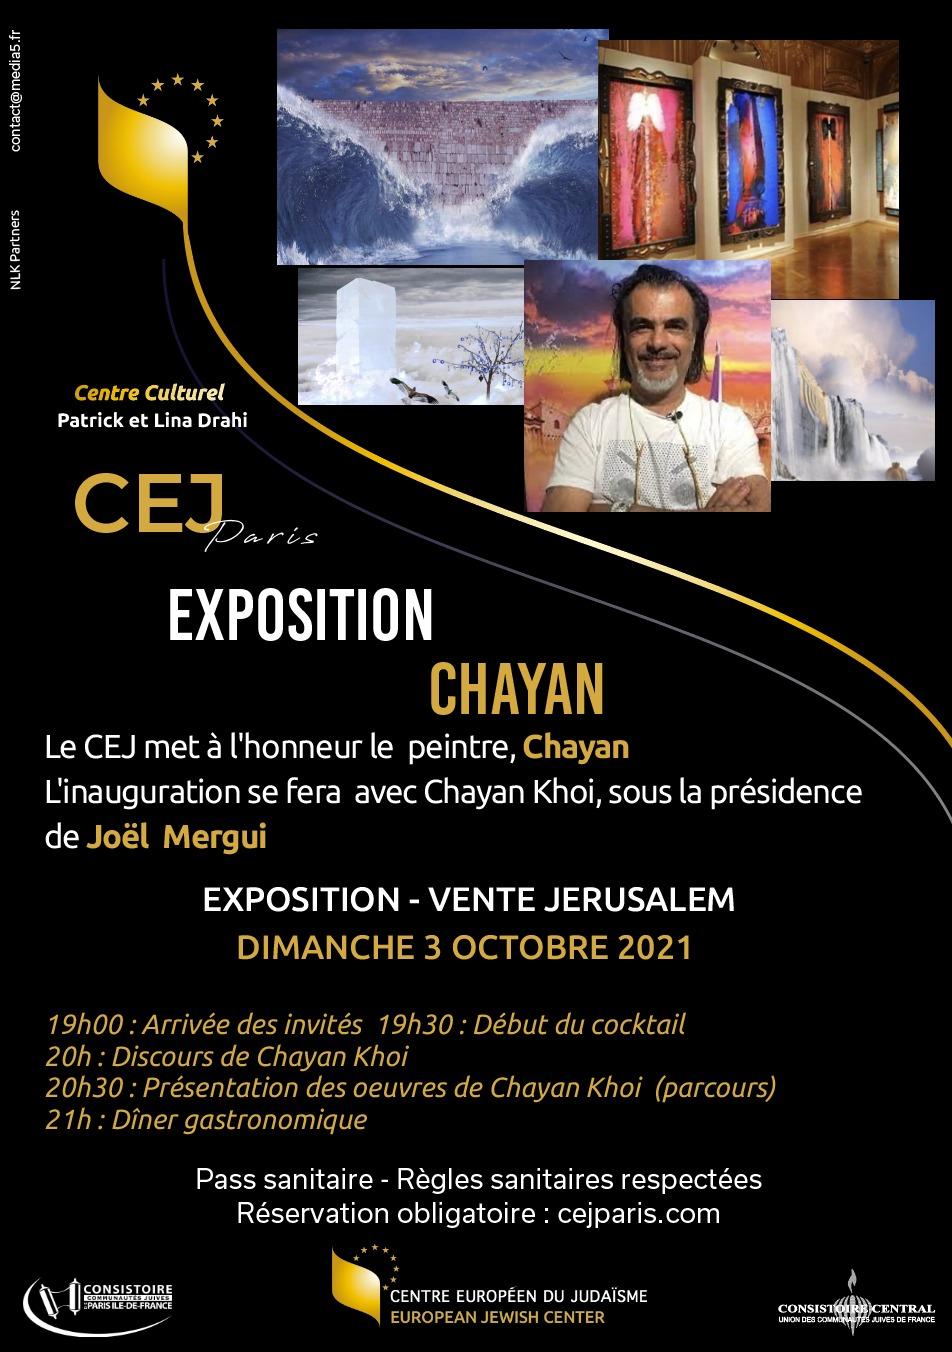 Vernissage de l'exposition du peintre CHAYAN